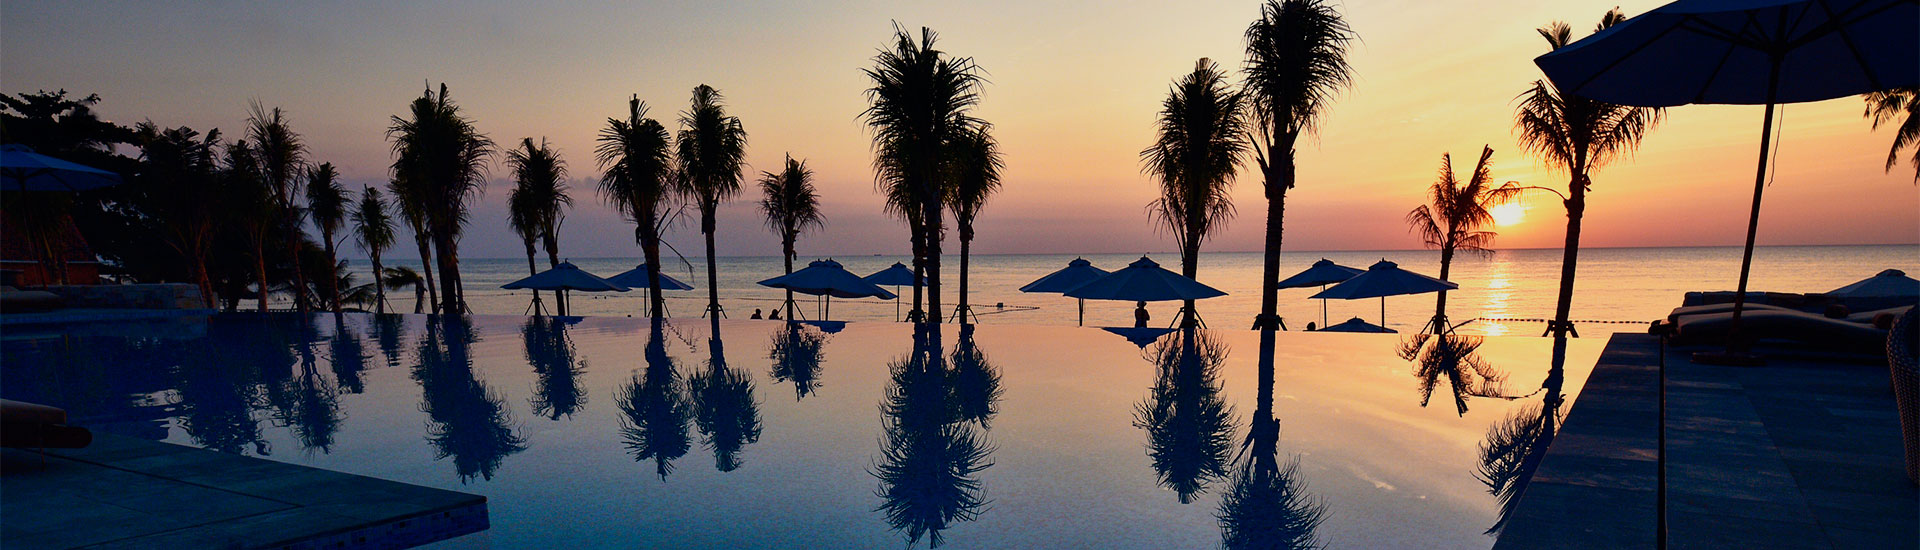 magie du luxe vietnam - luxe vietnam